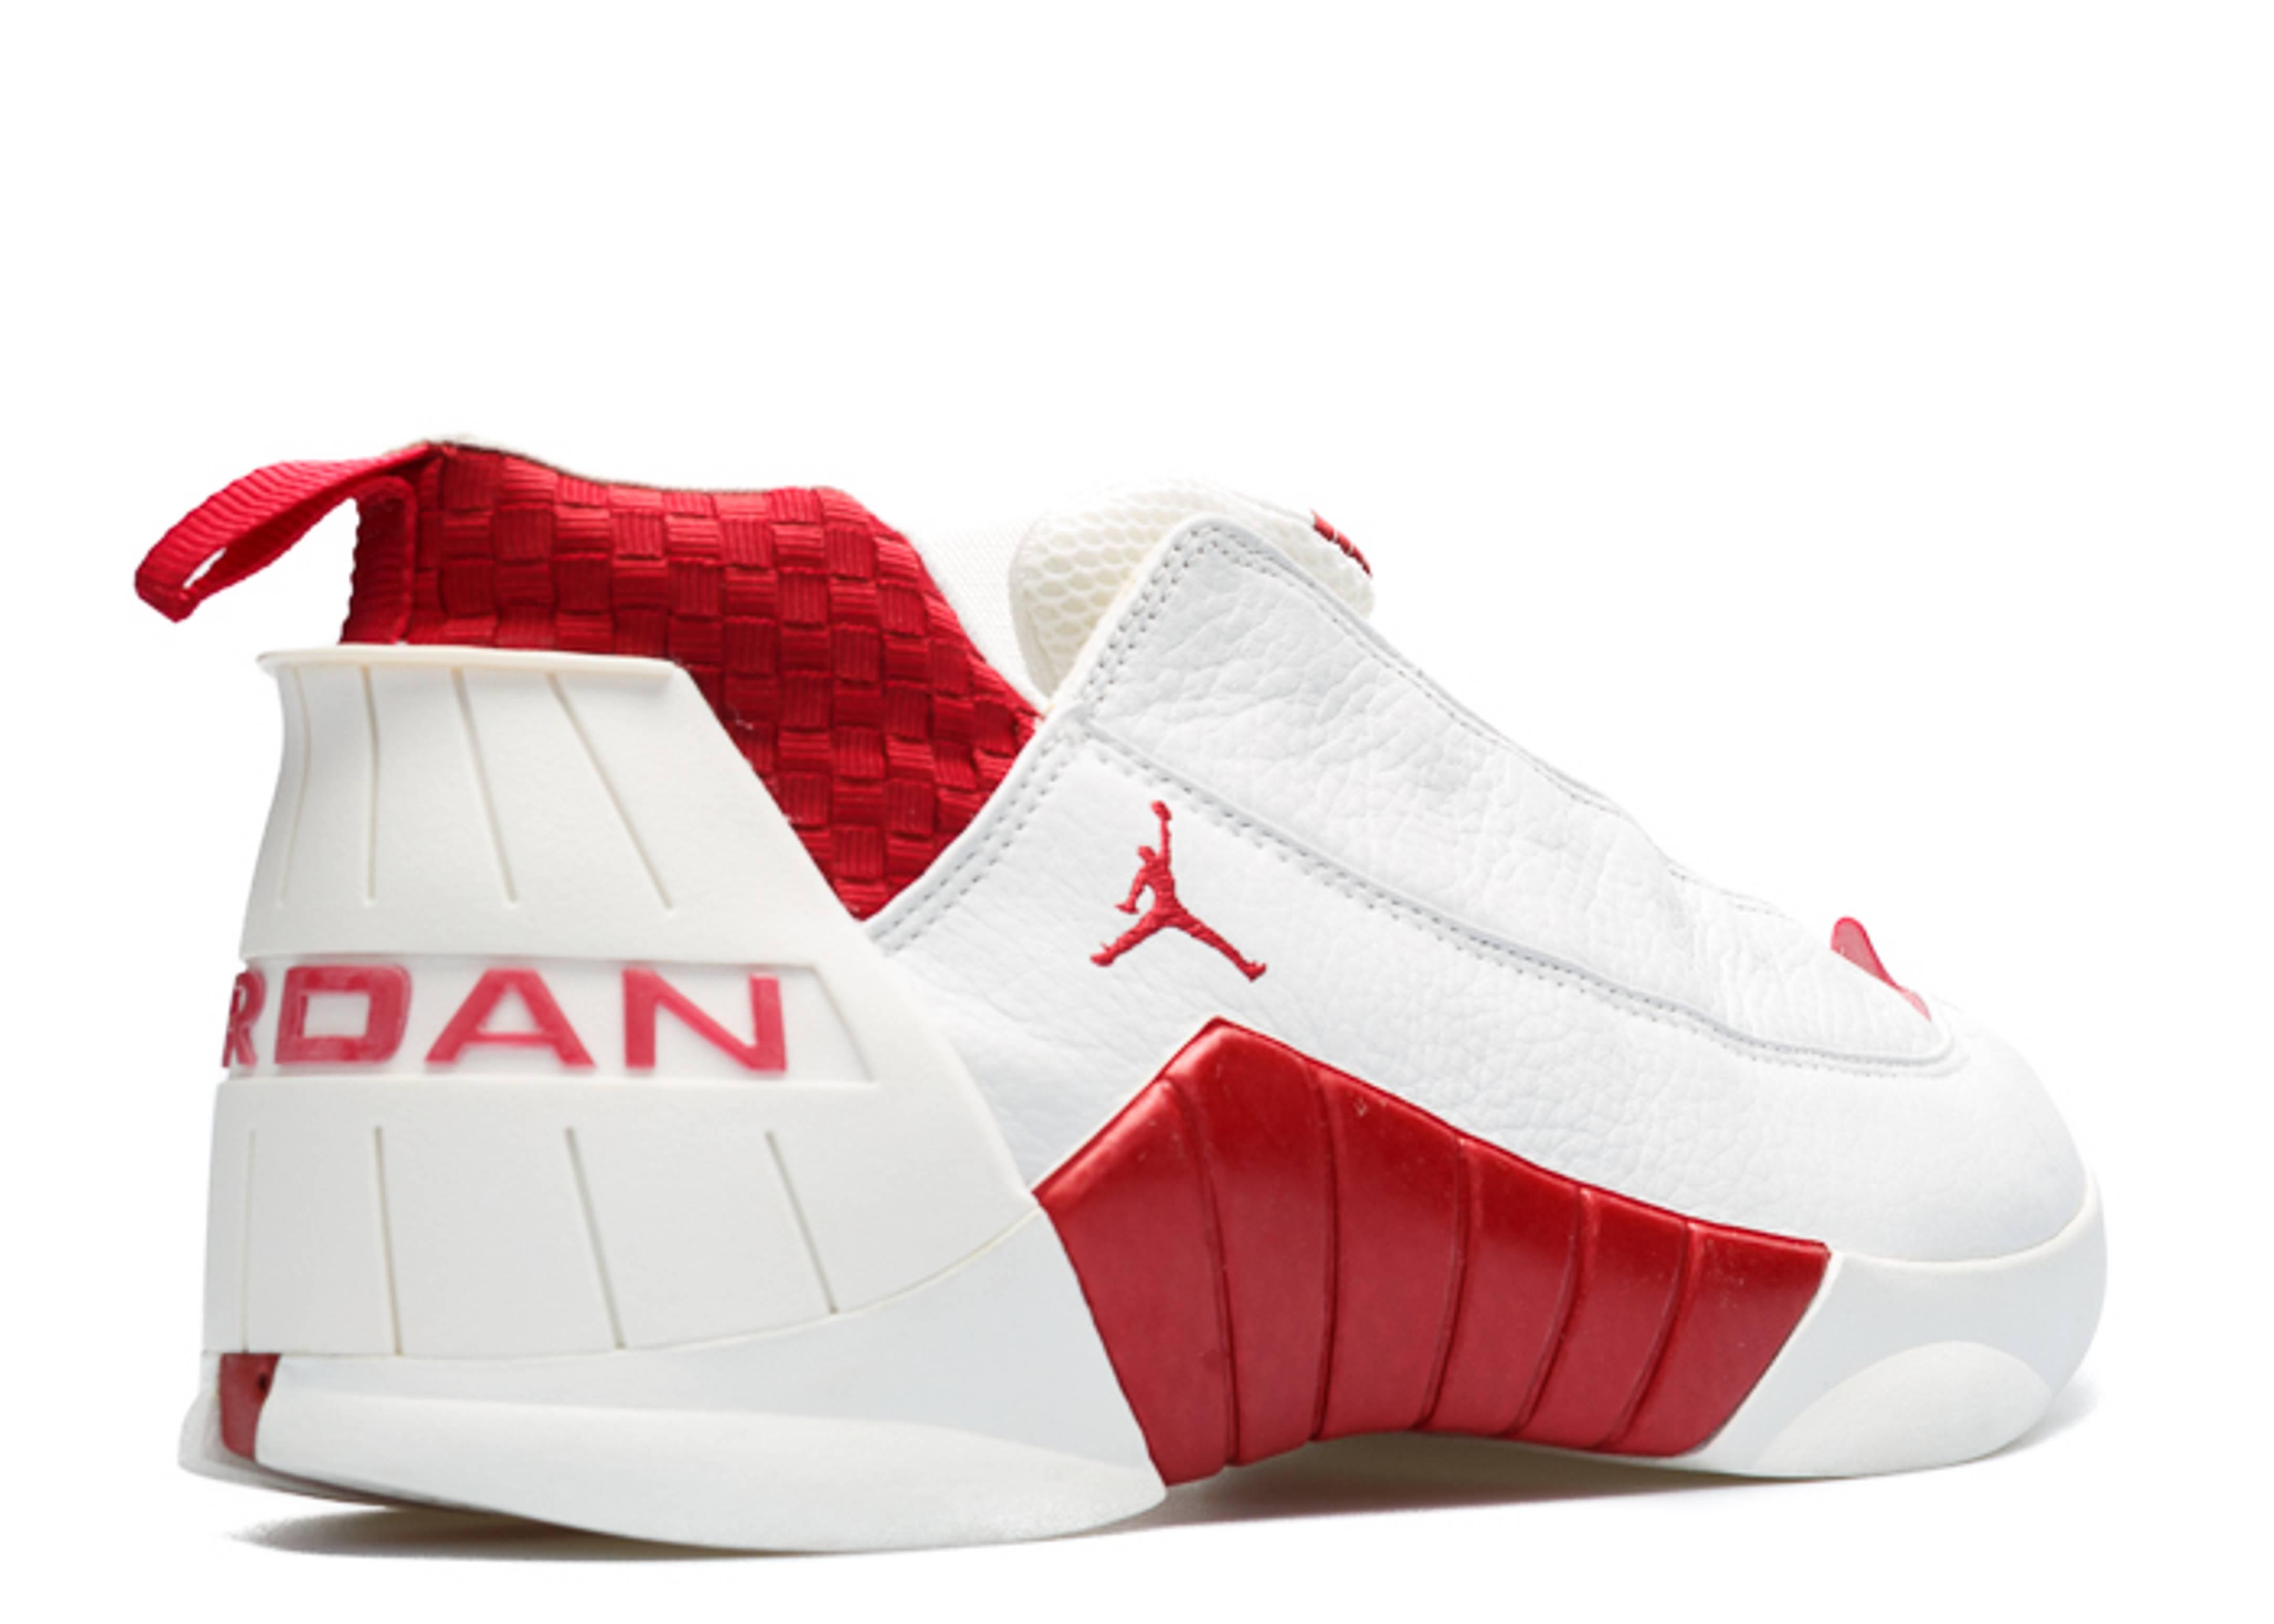 Air Jordan 15 Faible